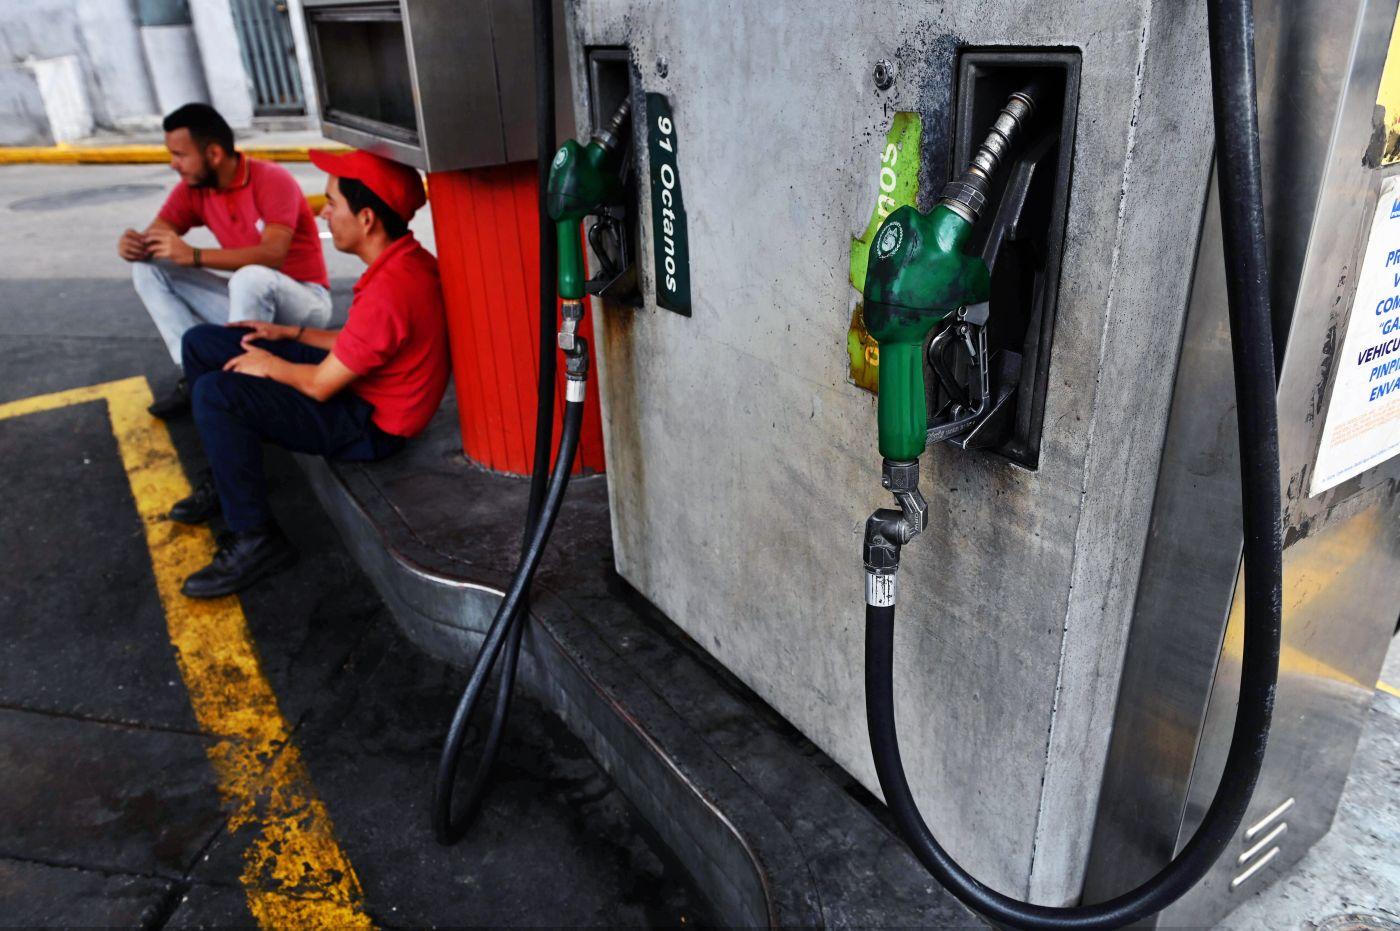 Un huevo y 93 millones de litros de gasolina cuestan lo mismo en Venezuela